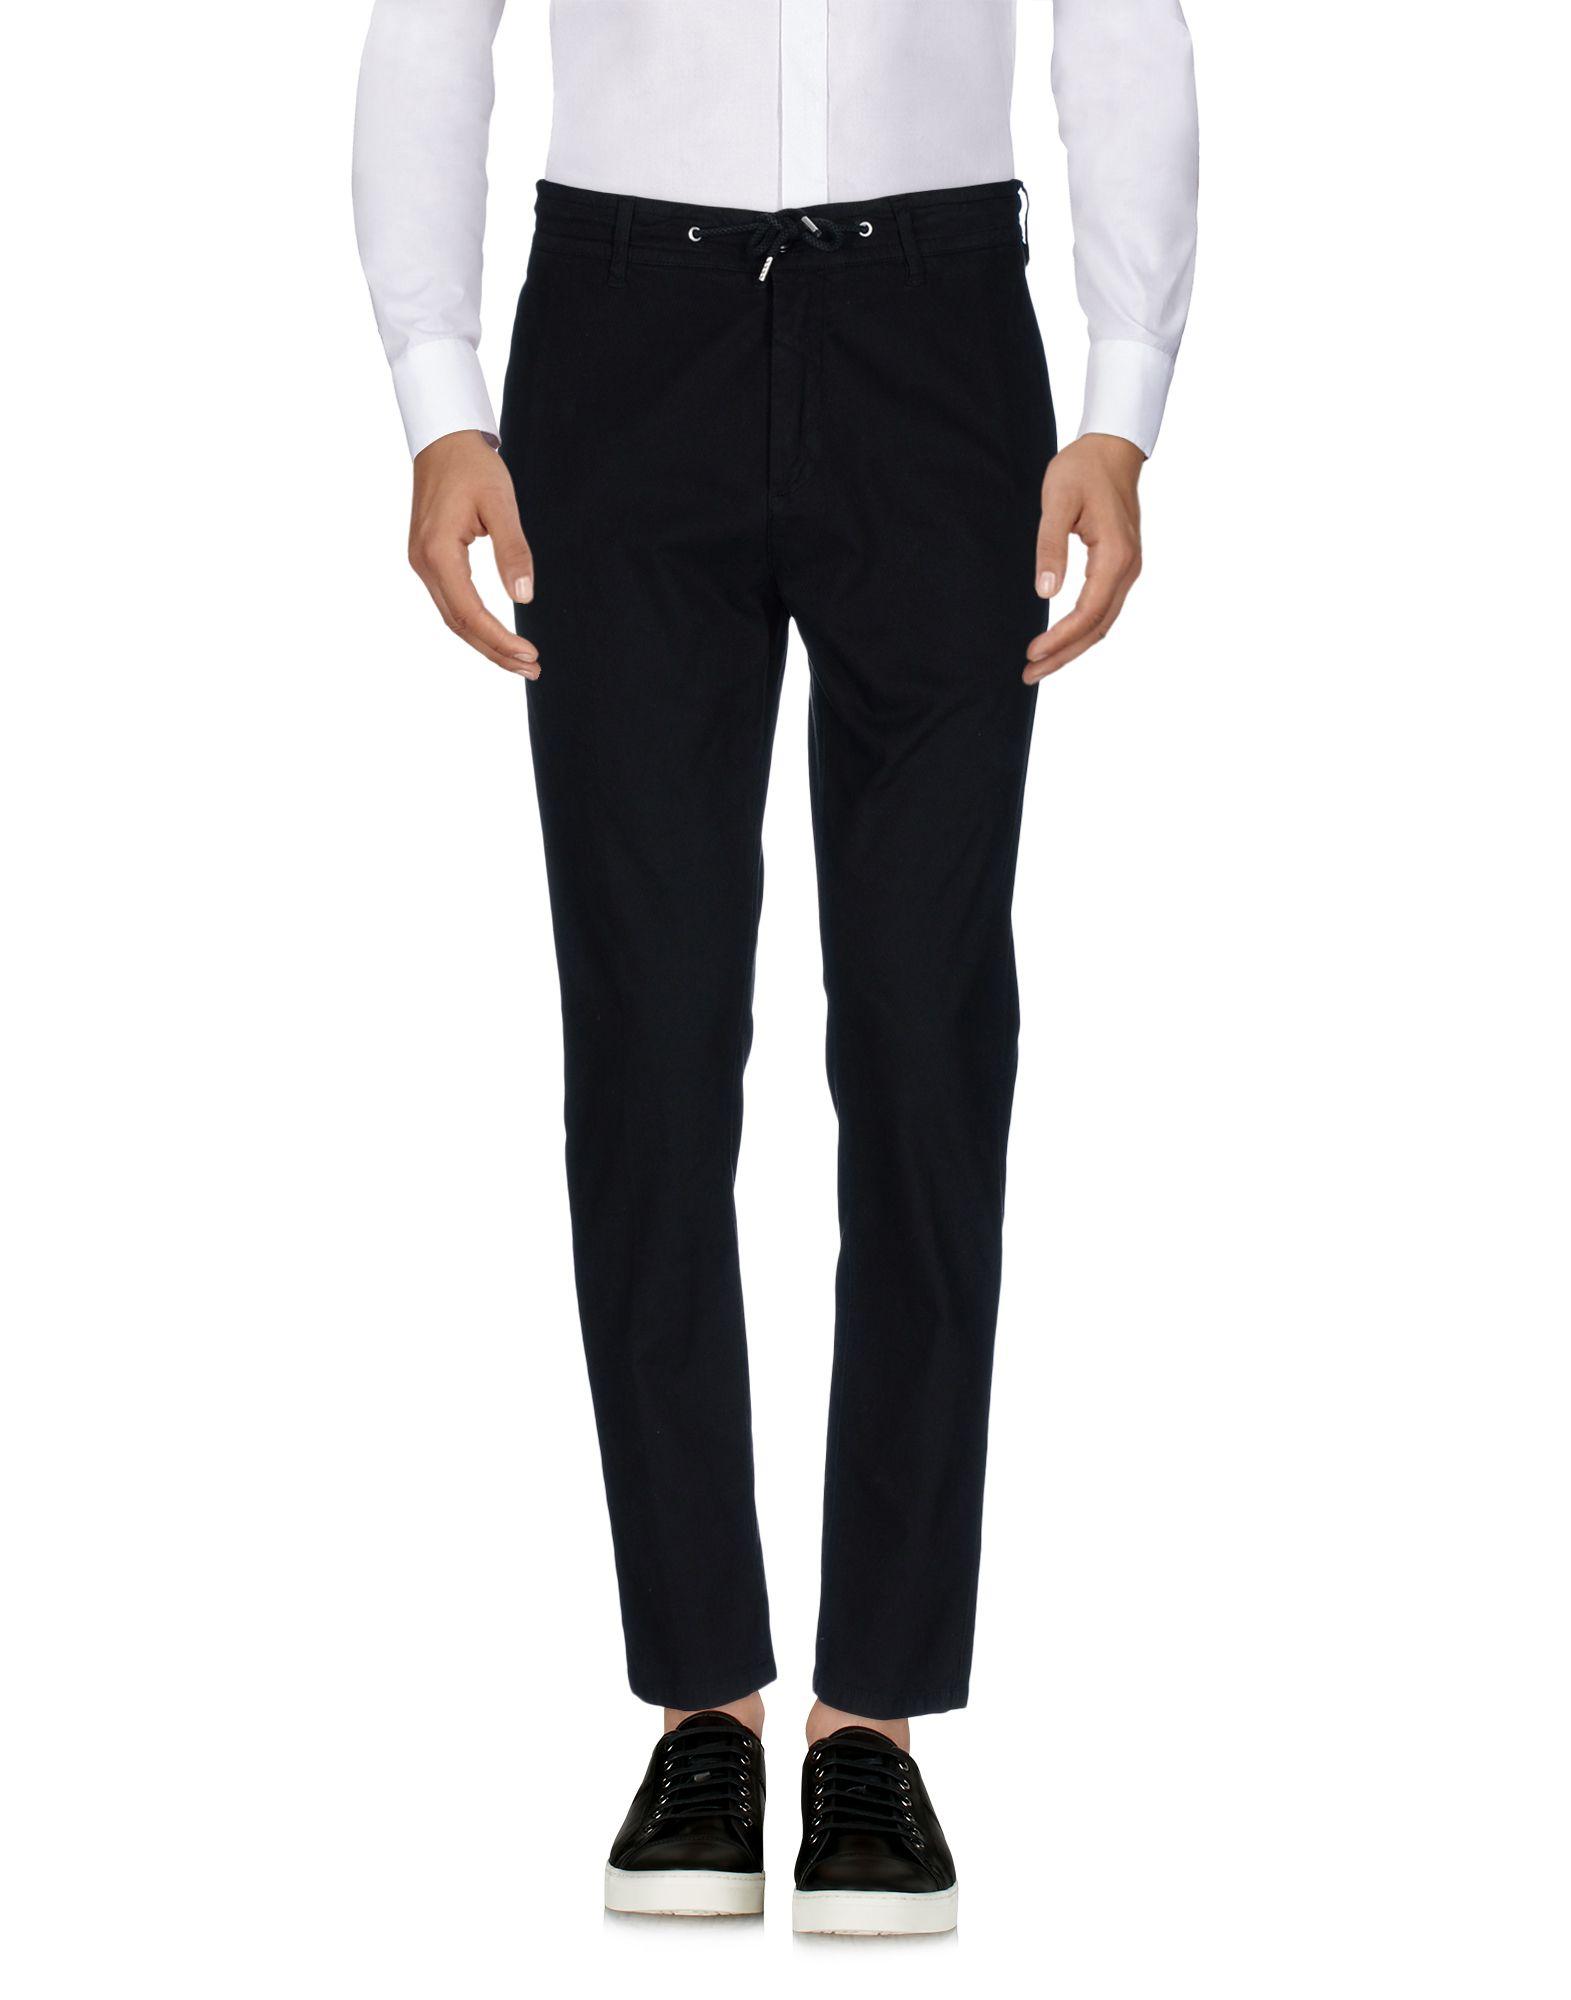 Pantalone Department 5 Uomo - Acquista online su